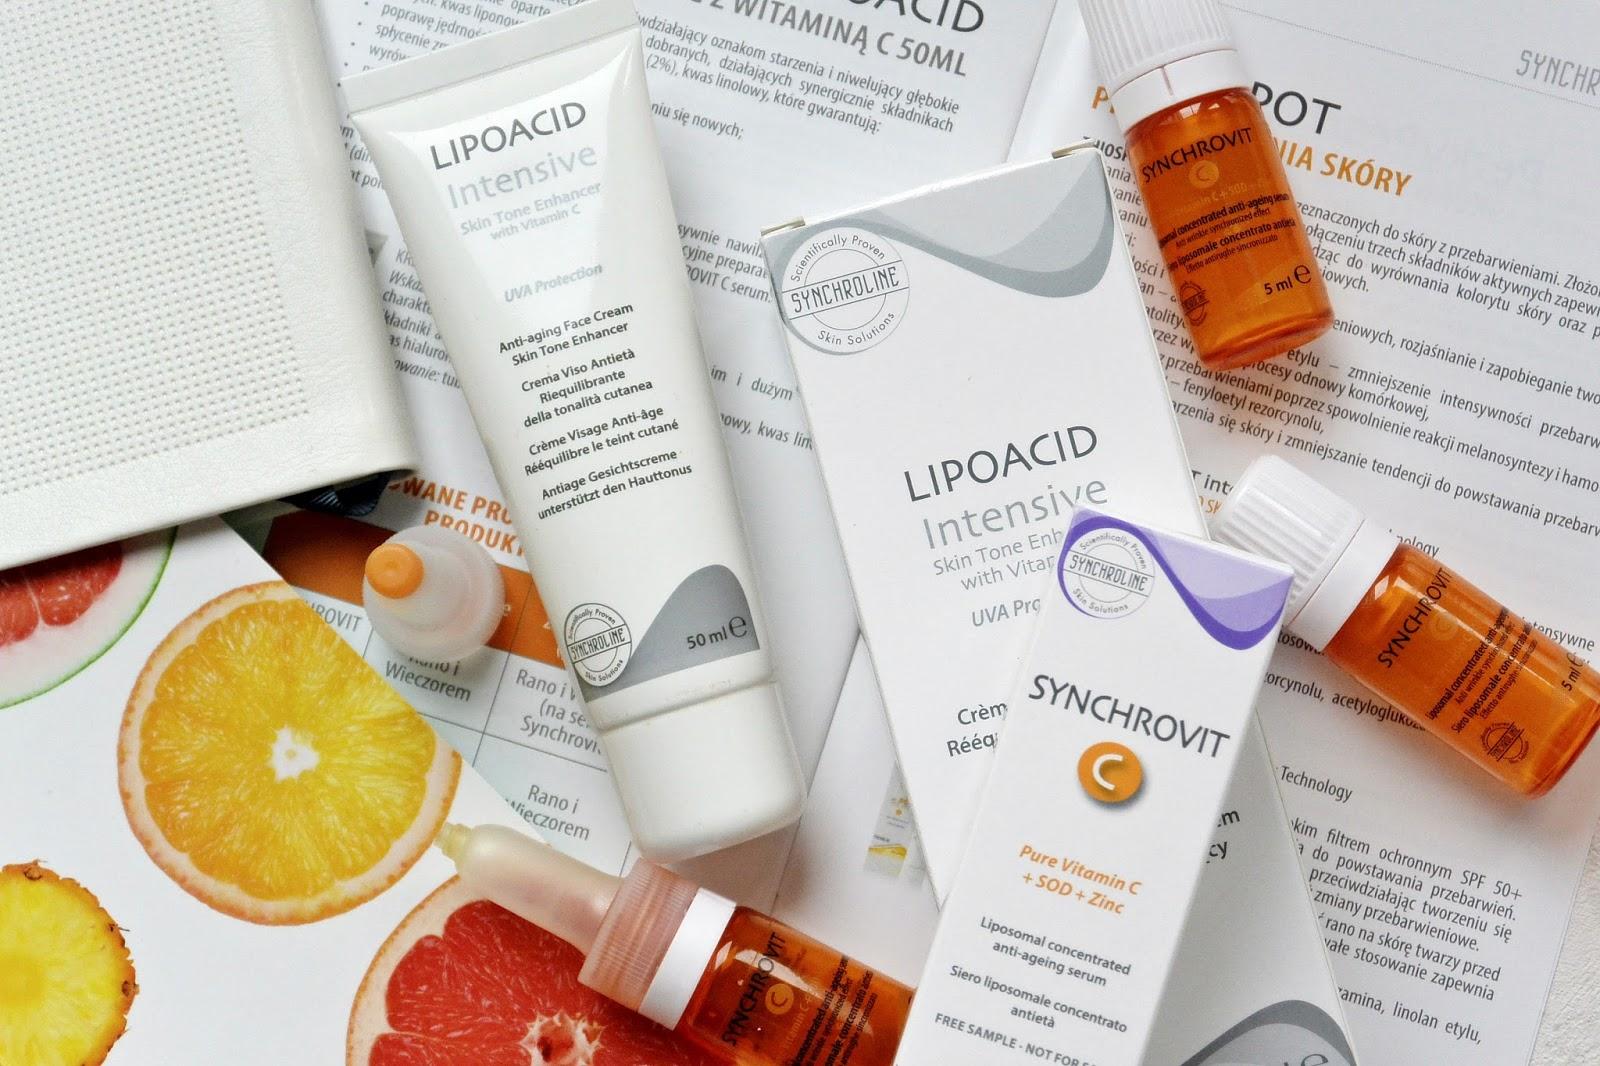 Wiosenne przebudzenie skóry | Serum Synchrovit C | Krem Lipoacid Intense | SYNCHROLINE